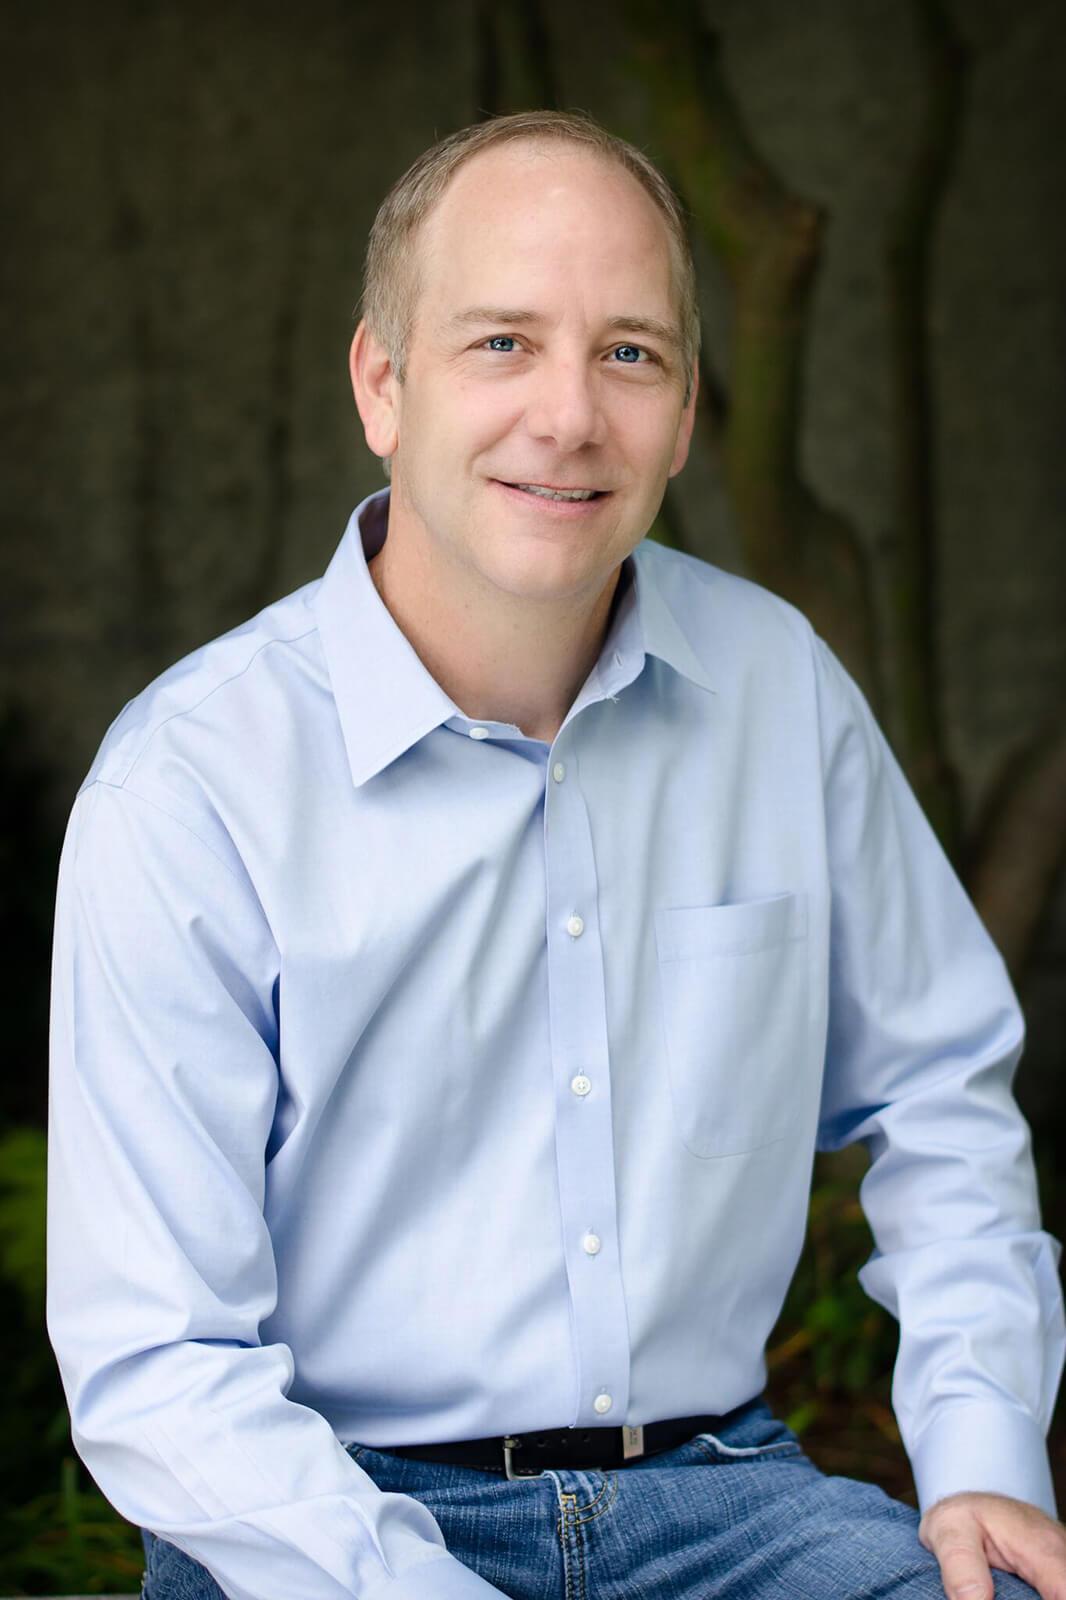 Jeff Sweeney